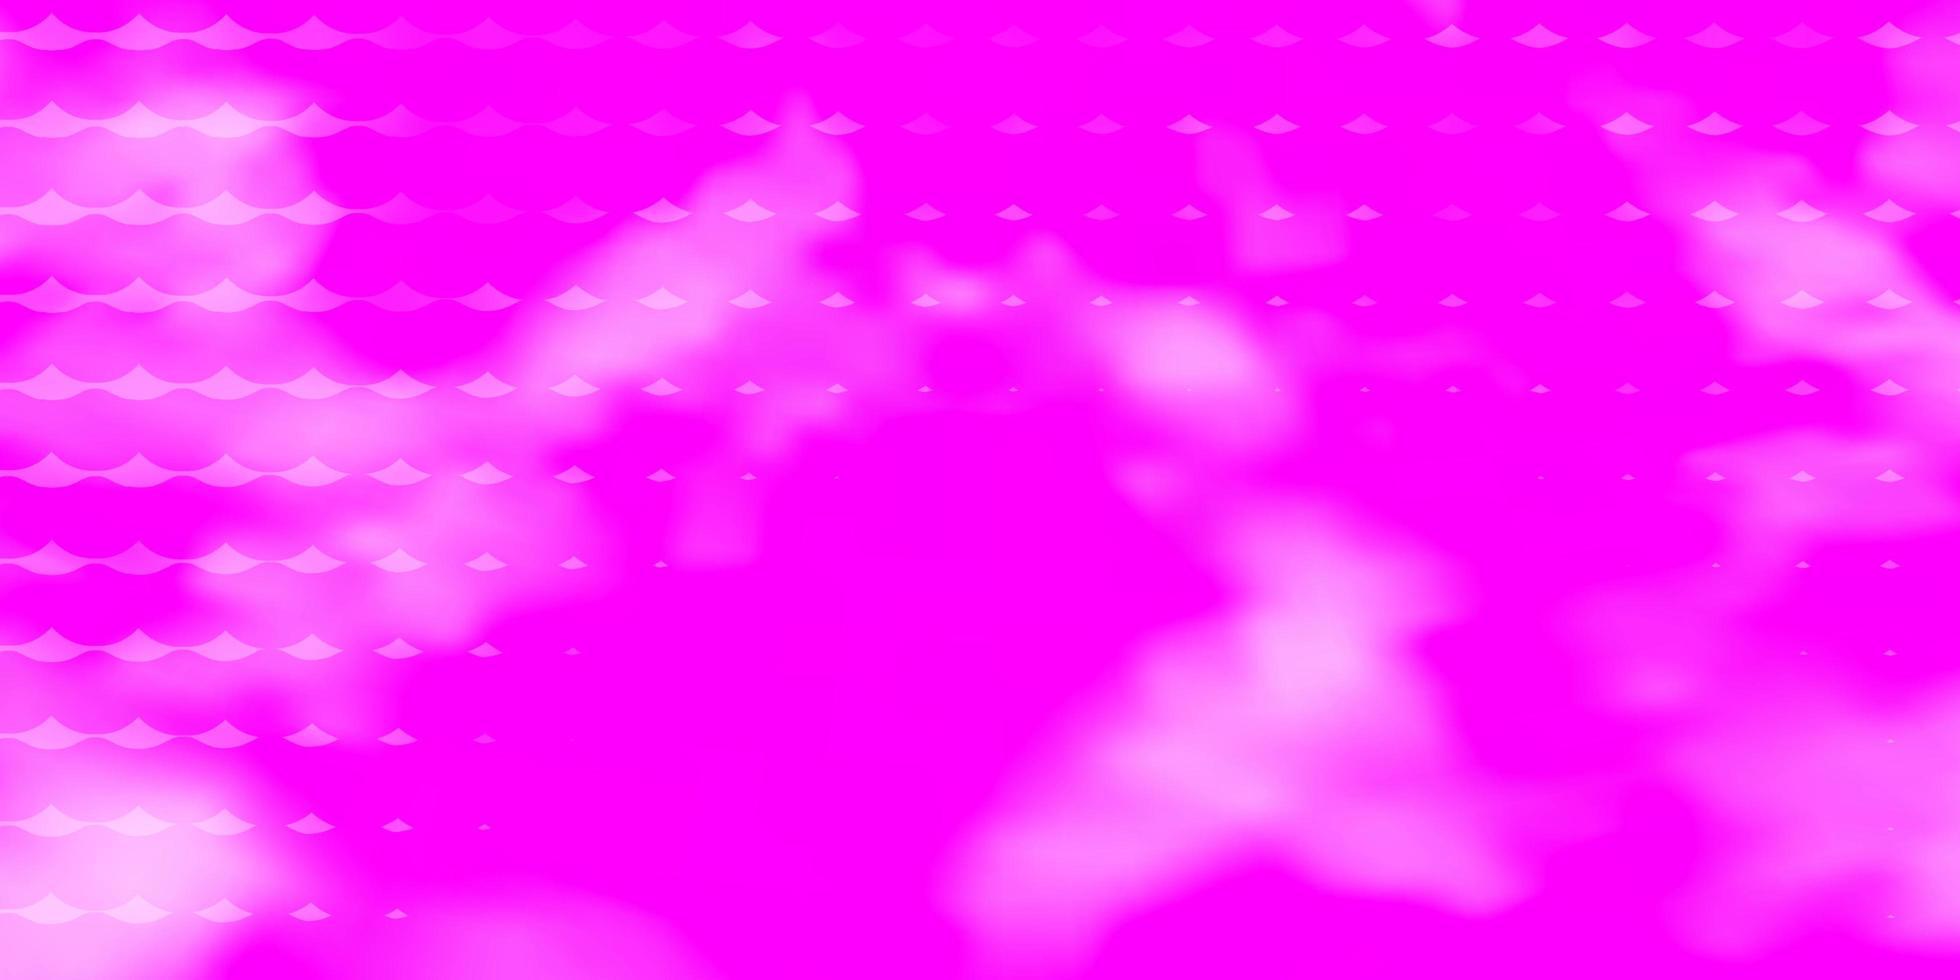 ljusrosa vektorlayout med cirklar. vektor